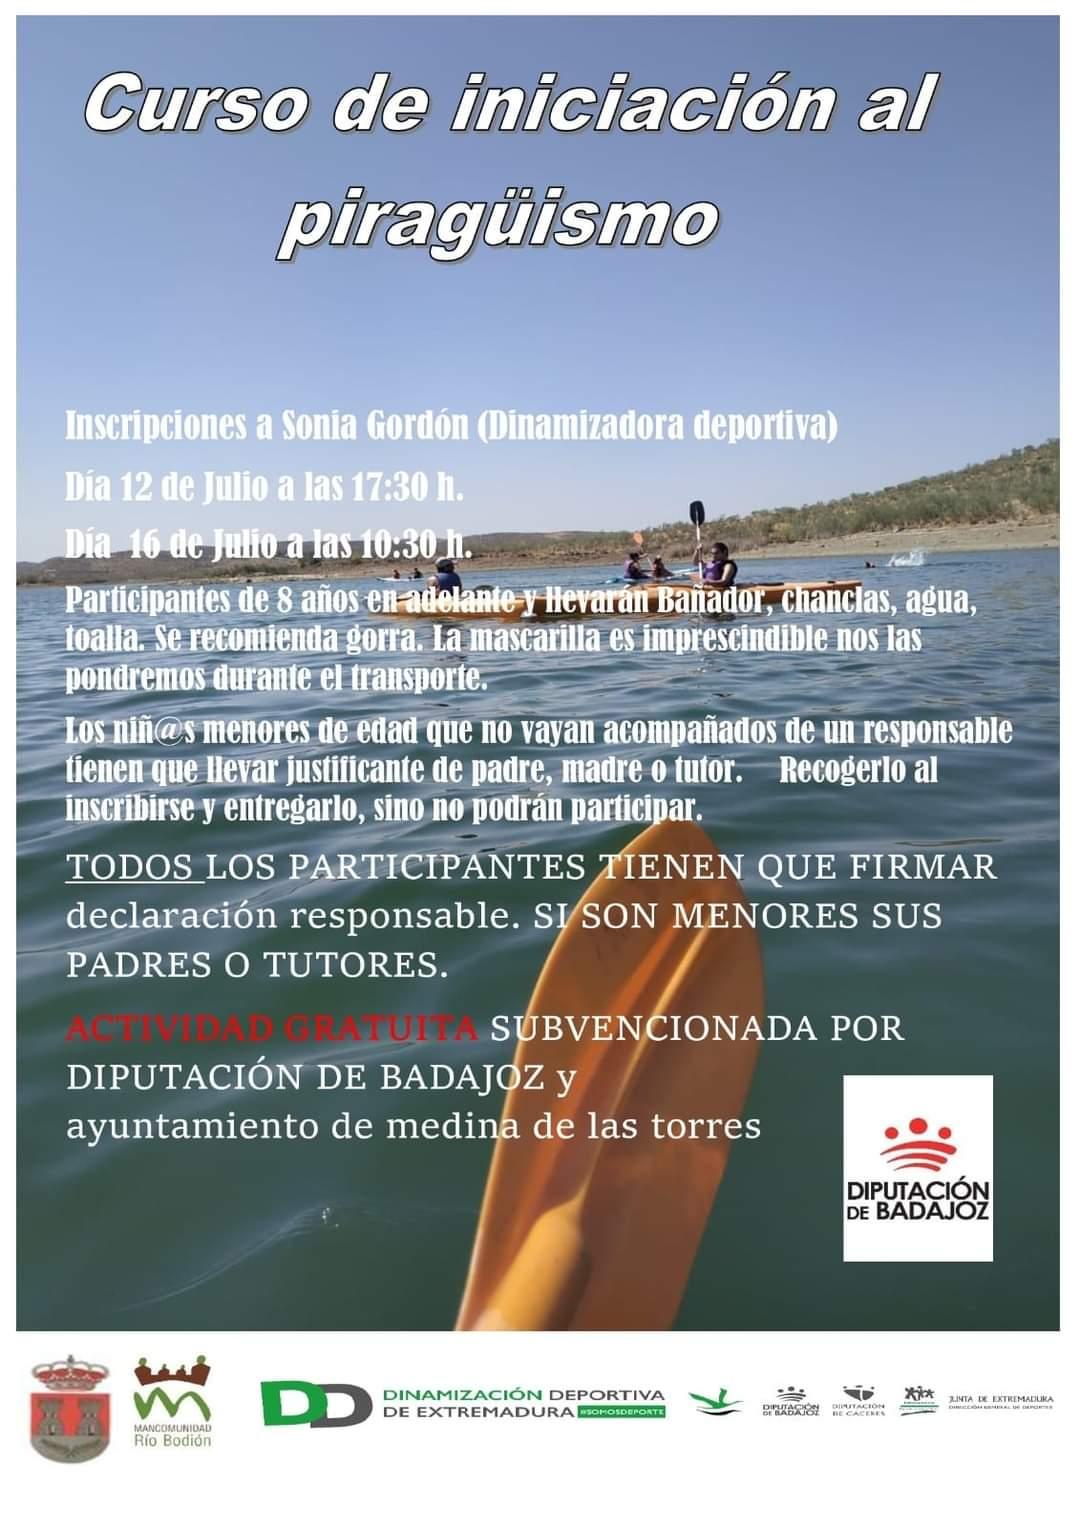 Imagen del Evento Curso de iniciación al Piragüismo